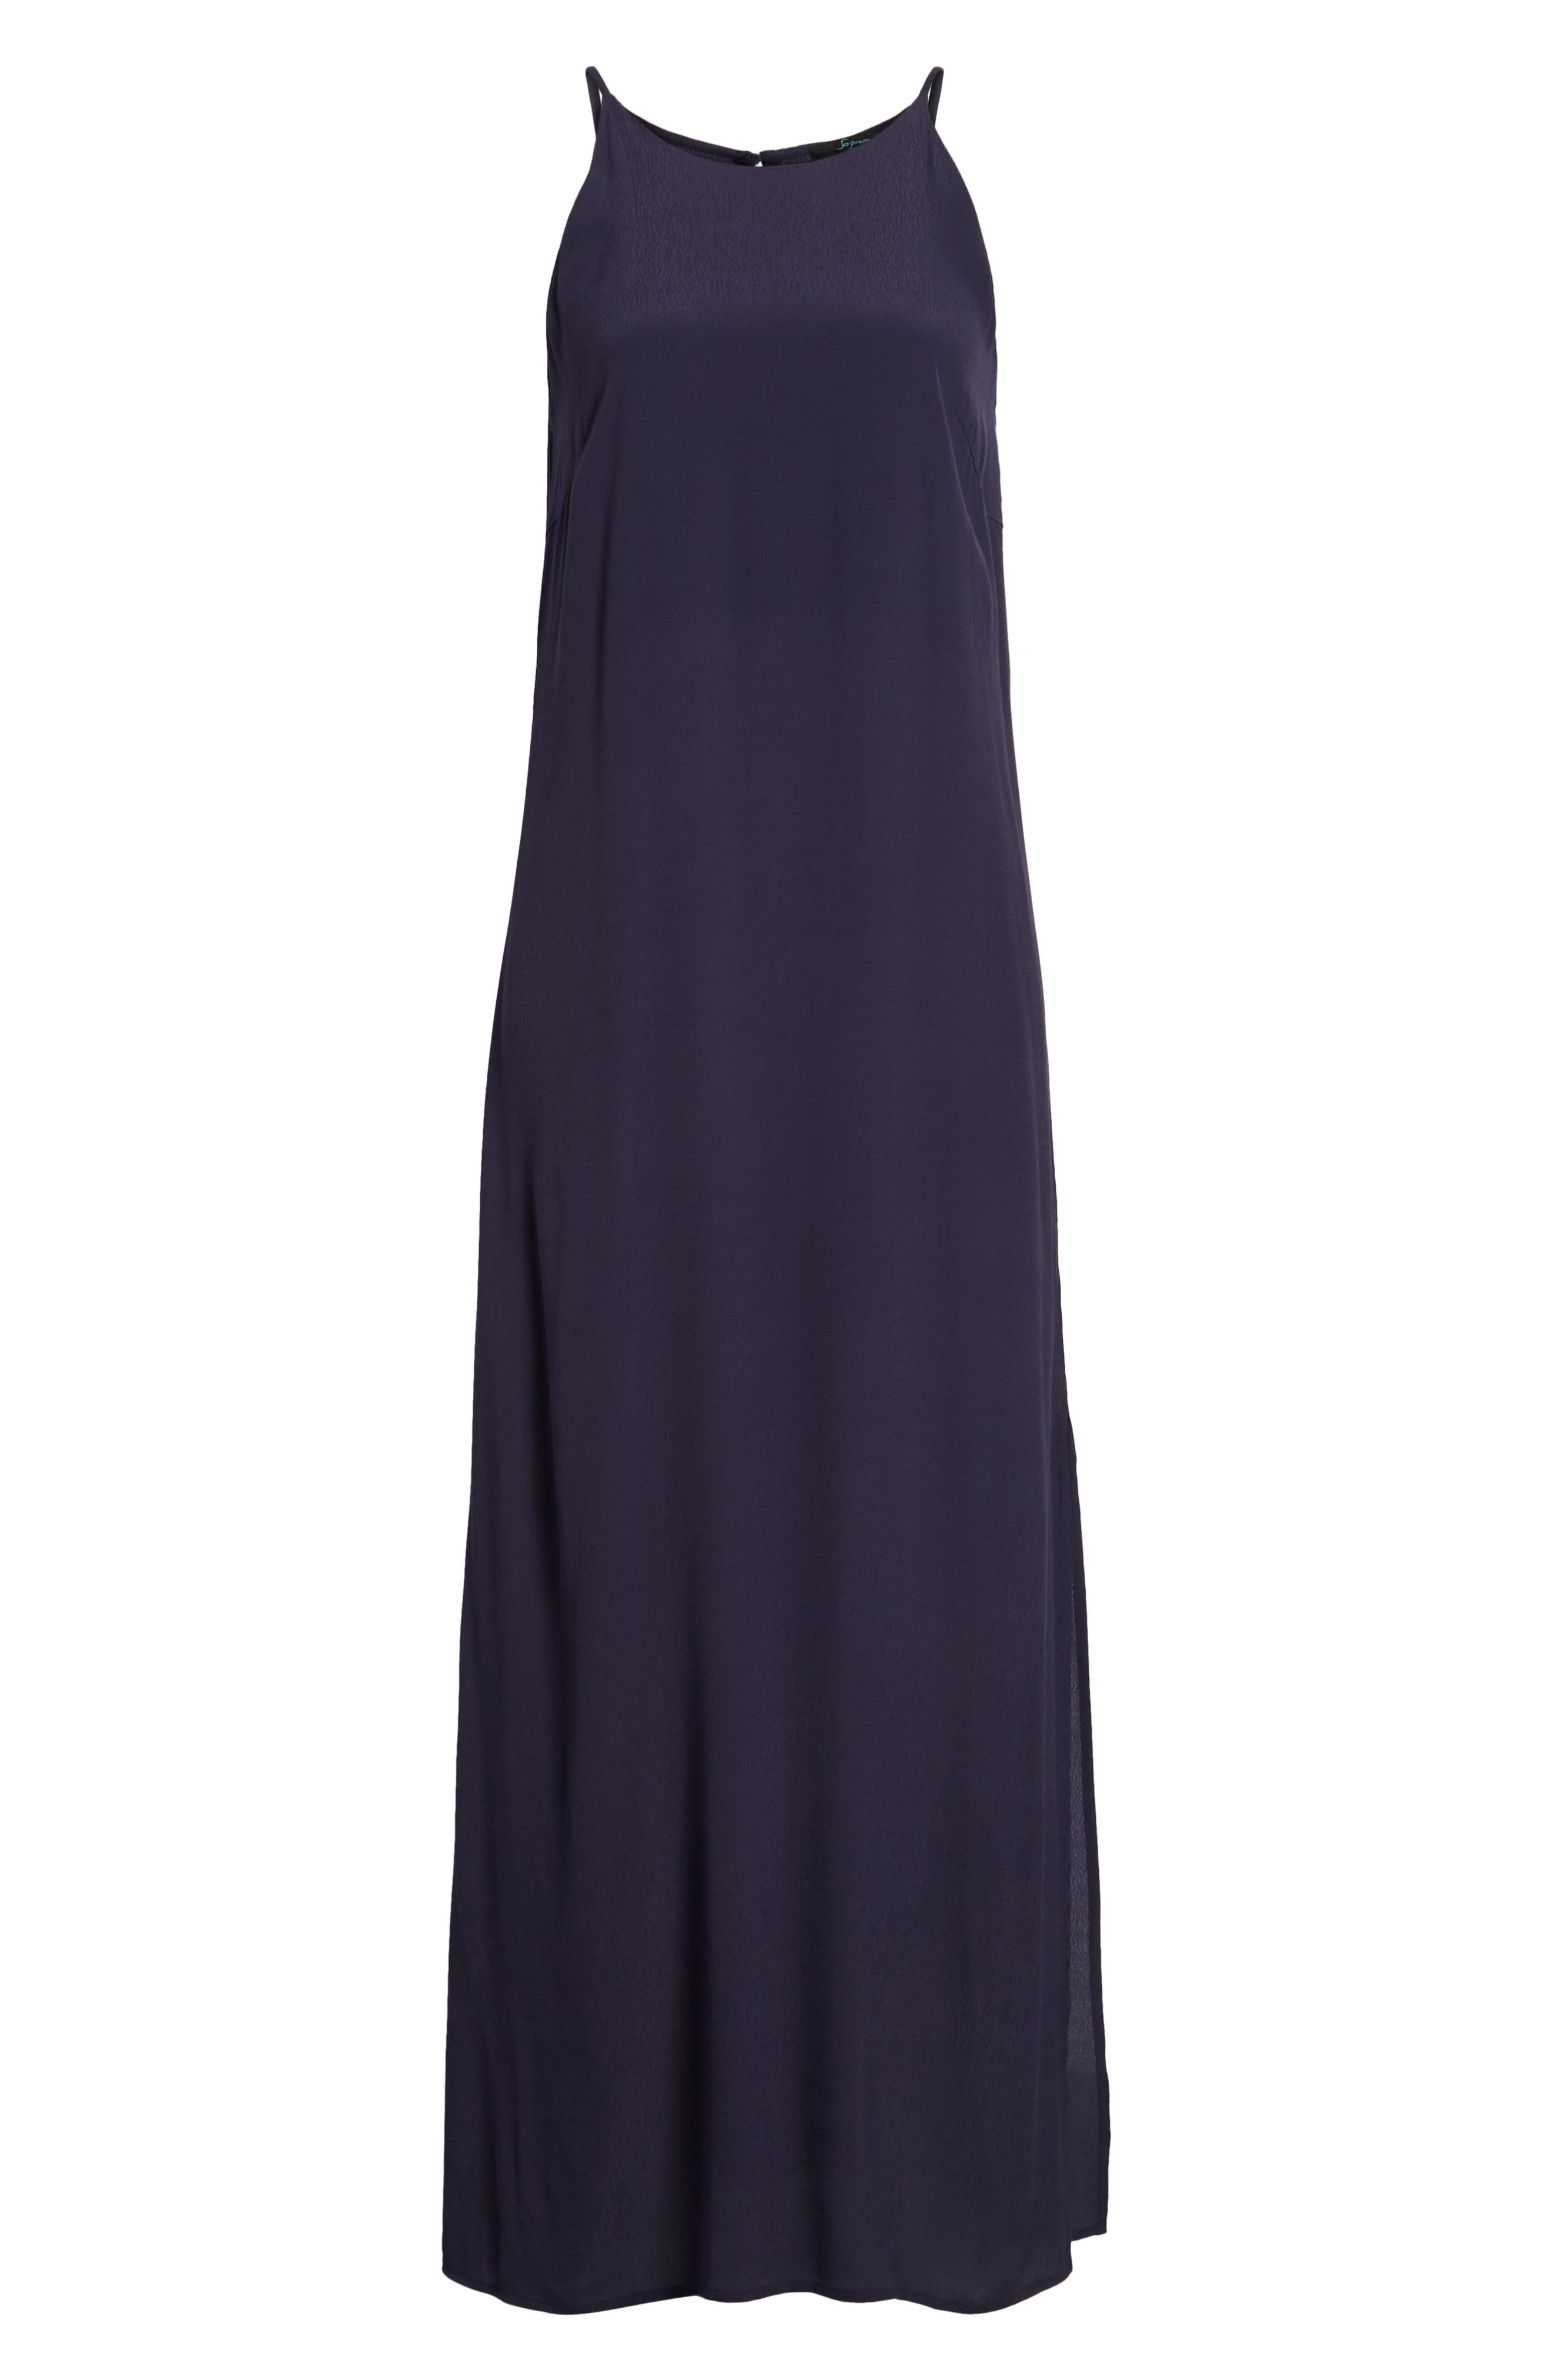 Maxi Dress,                             Alternate thumbnail 7, color,                             400